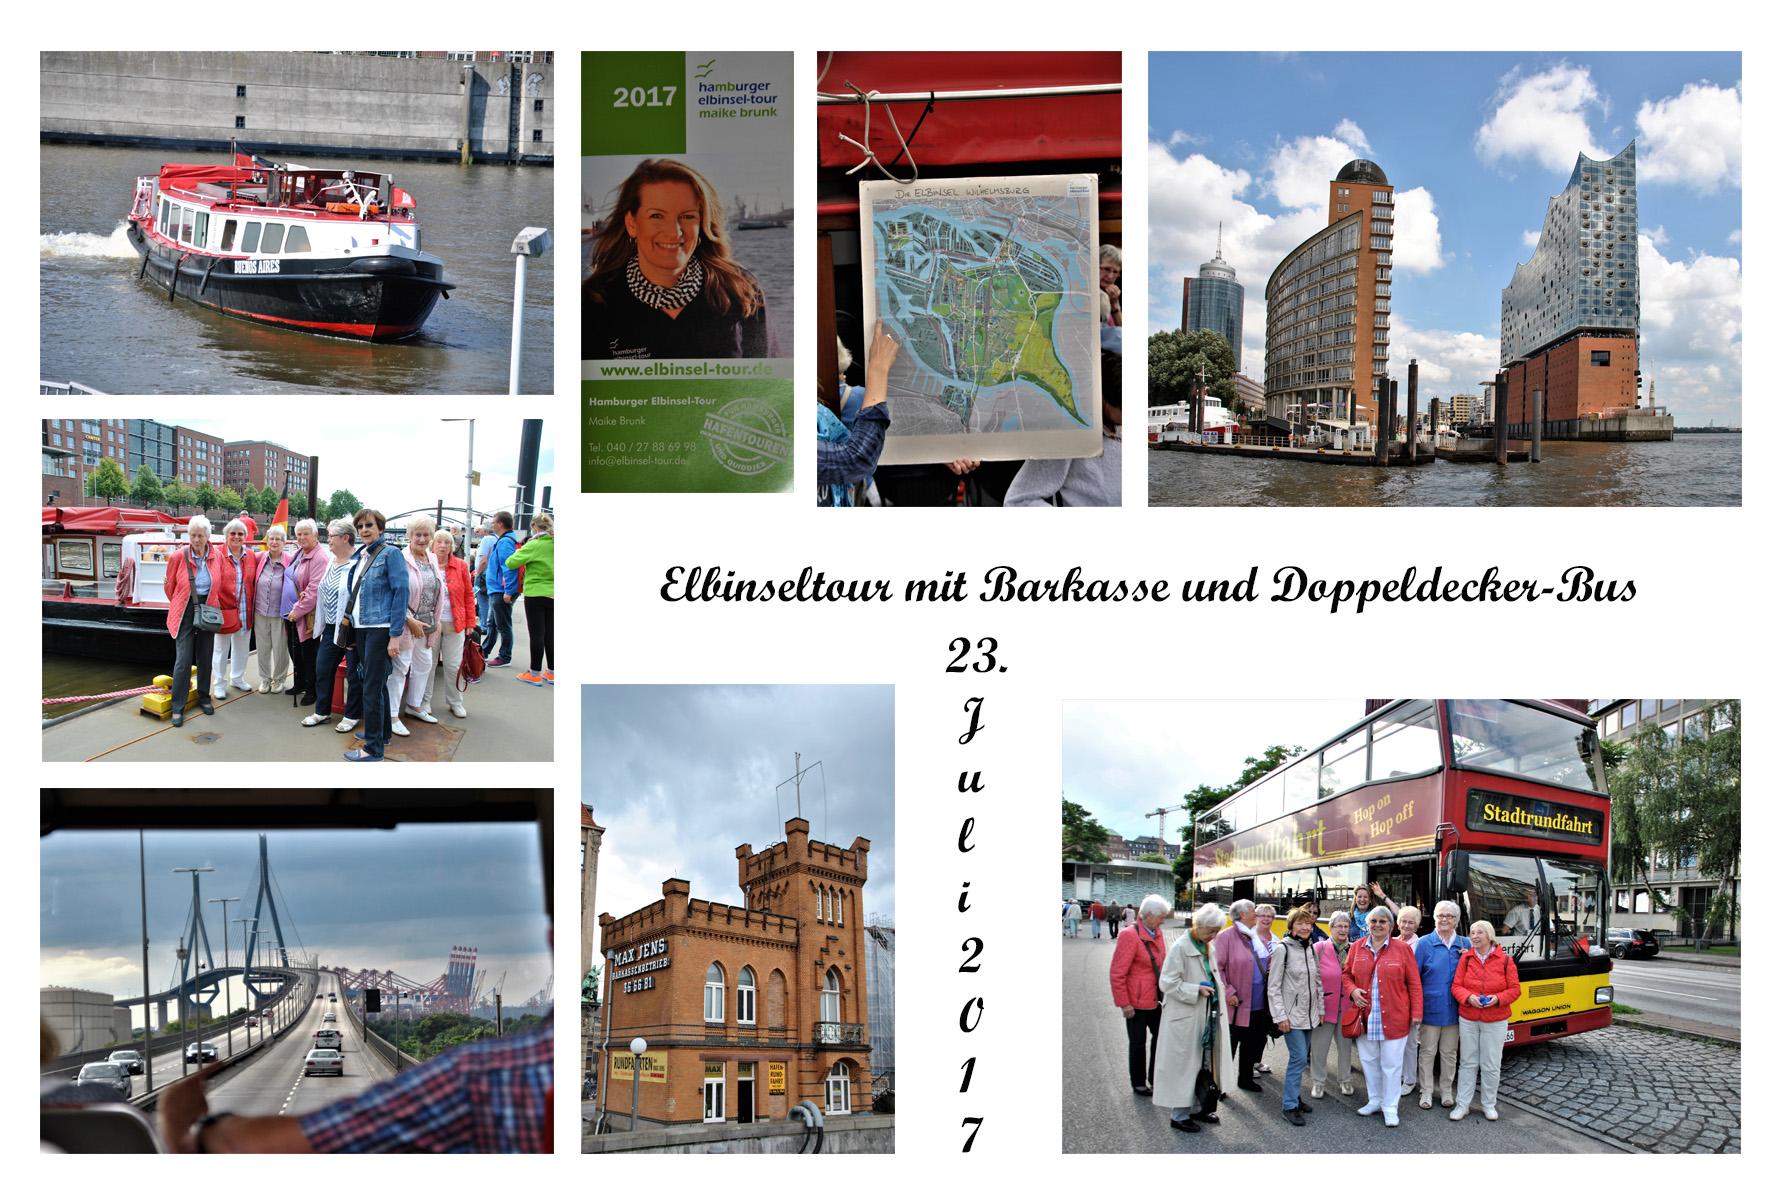 NeNo/Glashütte 2: Elbinseltour mit Barkasse und Doppeldecker-Bus, 23.07.2017 (Fotos: Tom)